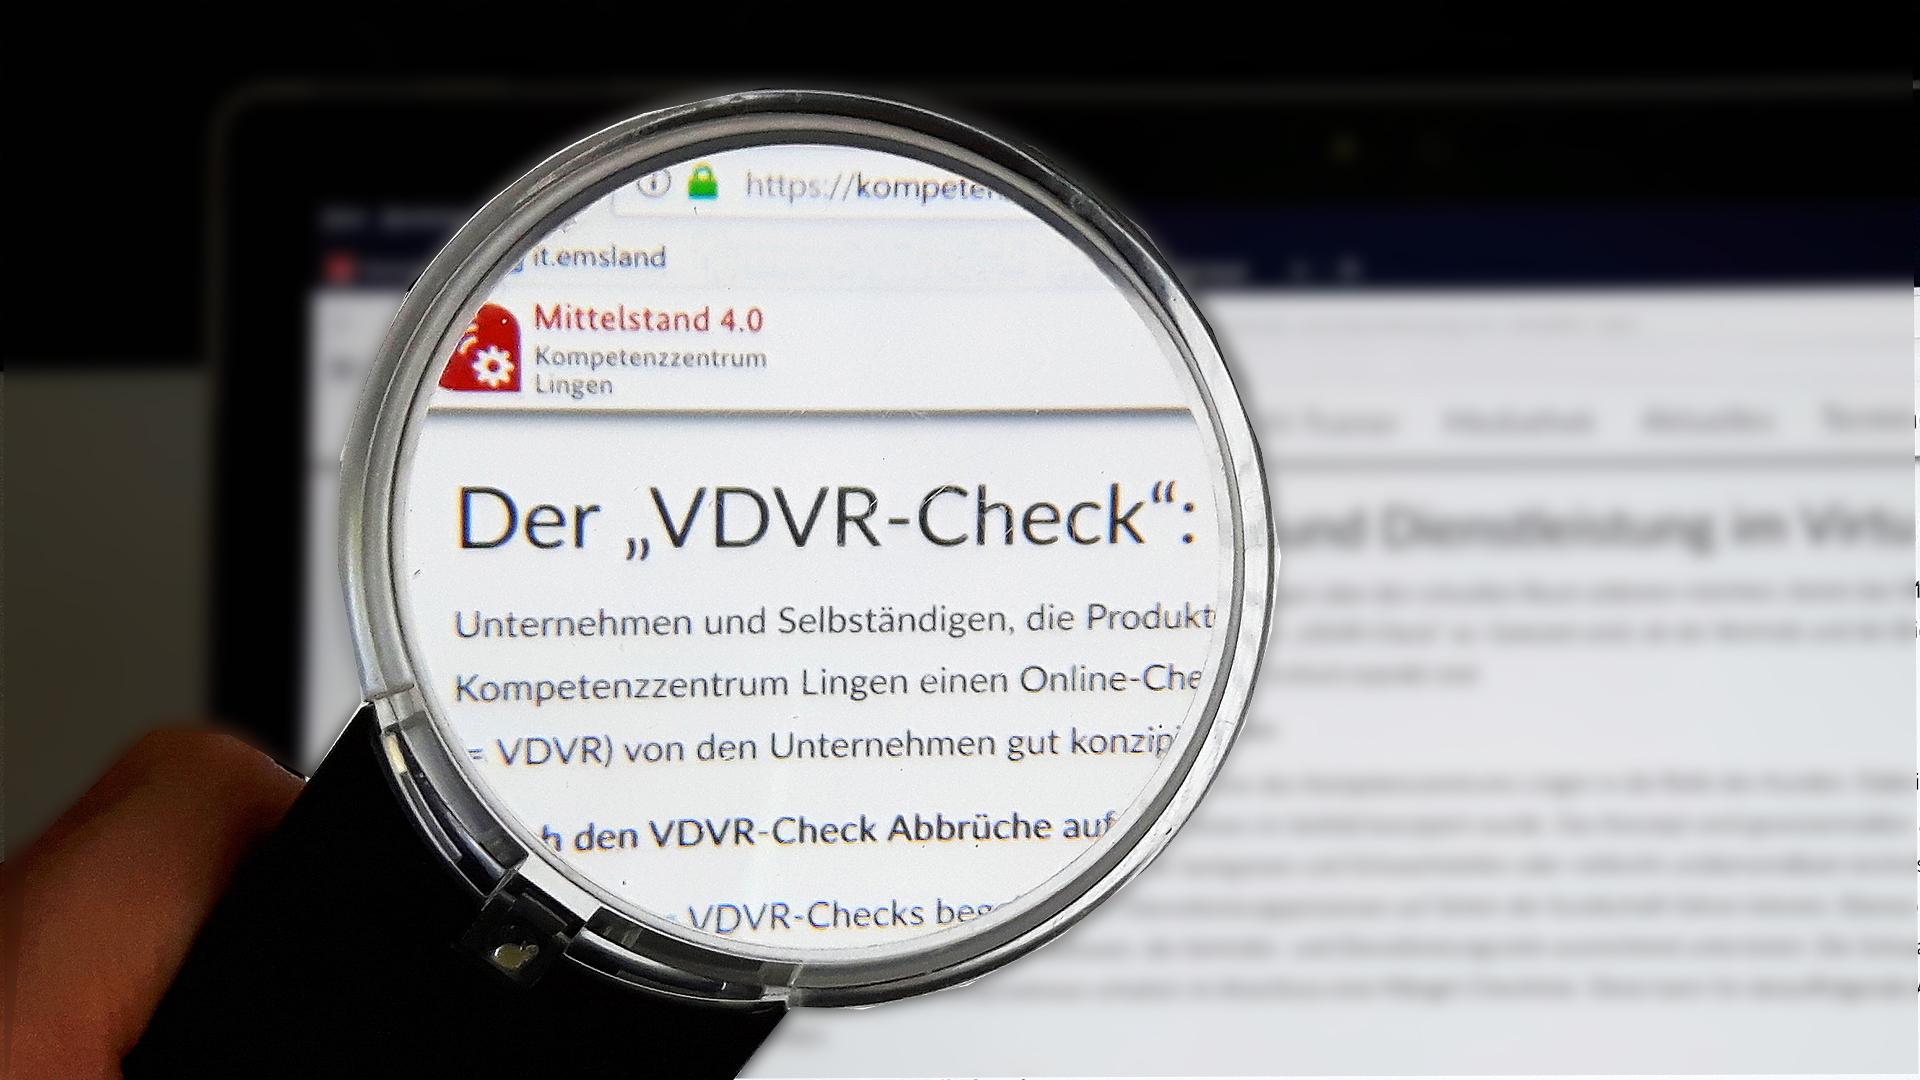 VDVR-Check für Unternehmen